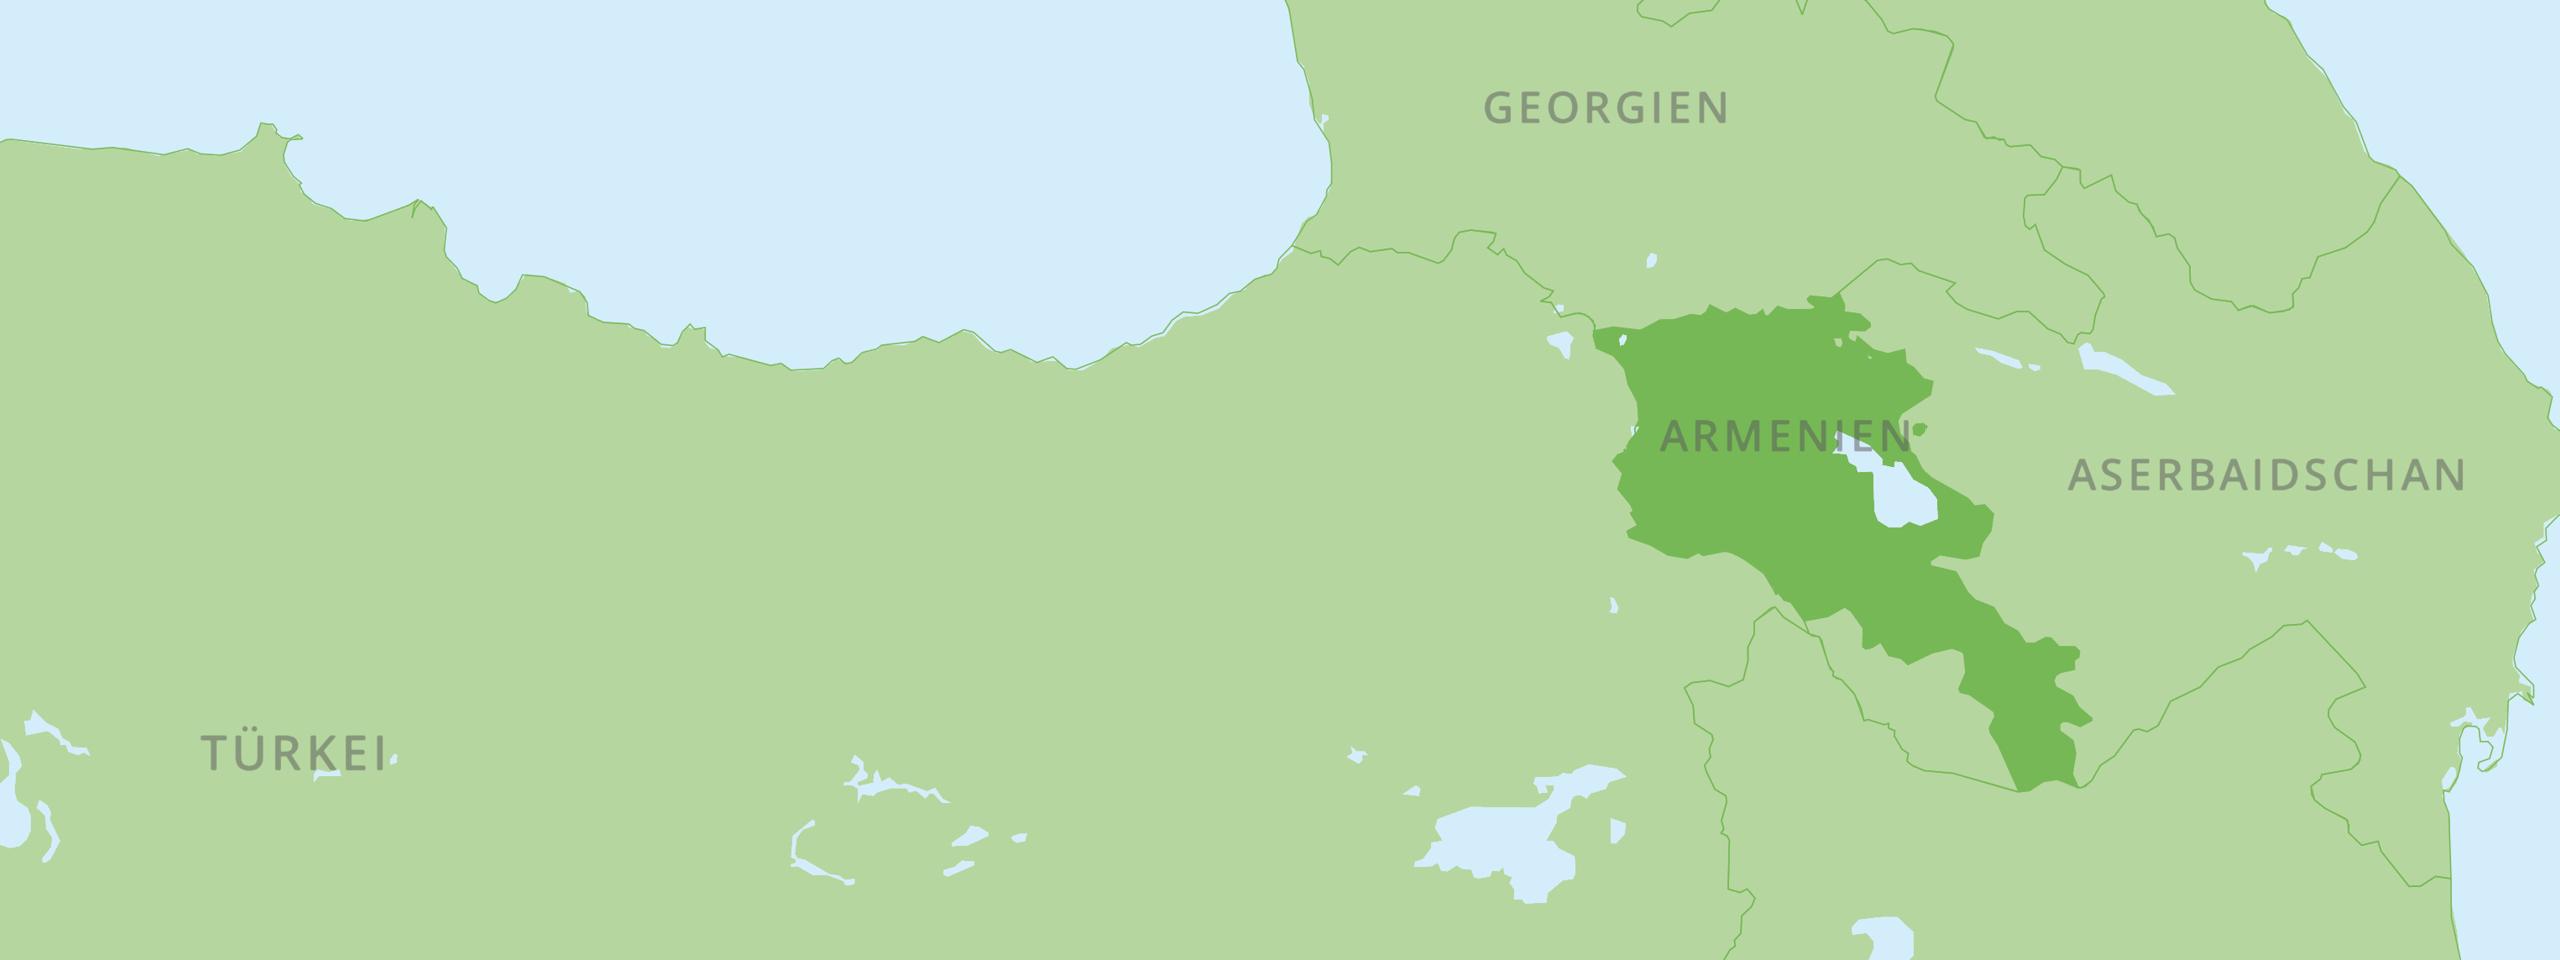 Armenien Helfen Sie Mit Einer Spende Oder Patenschaft Sos Kinderdorfer Weltweit